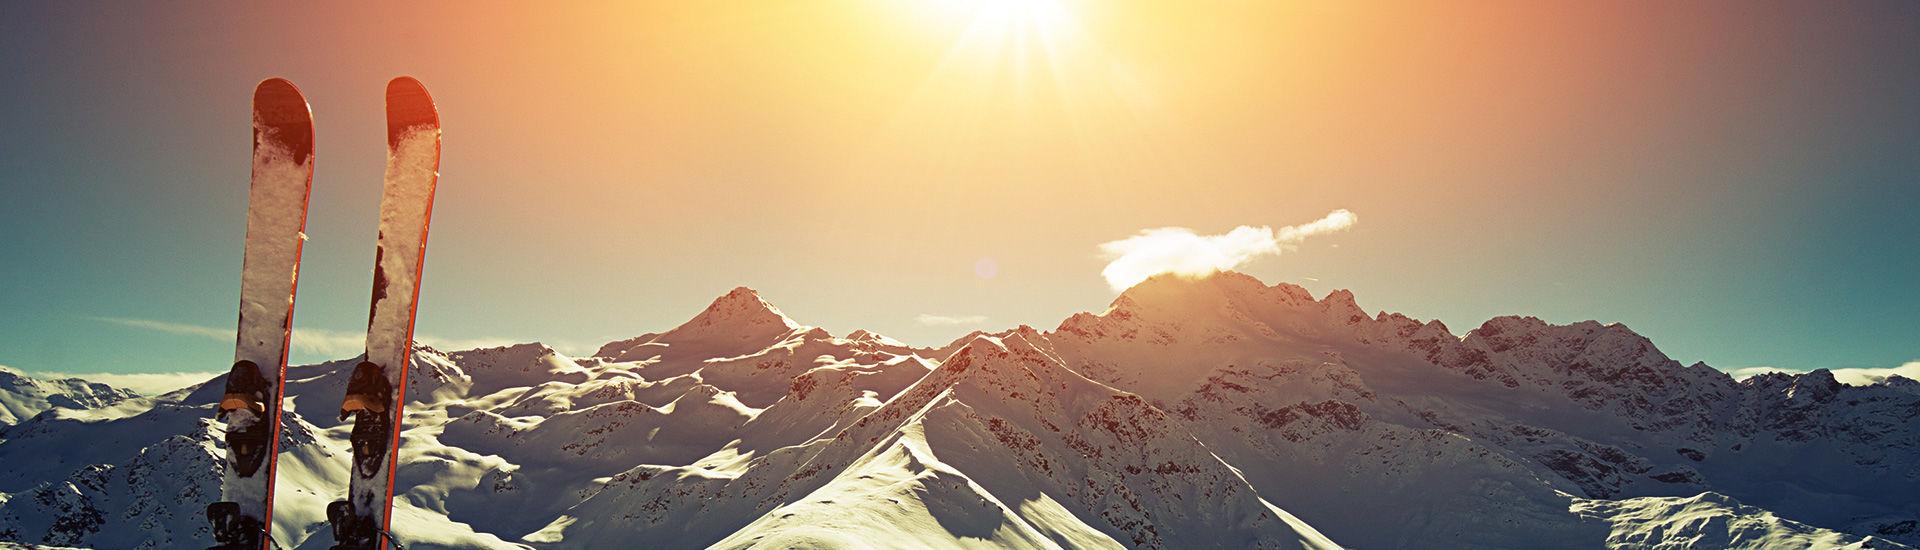 Montagne dans les Alpes